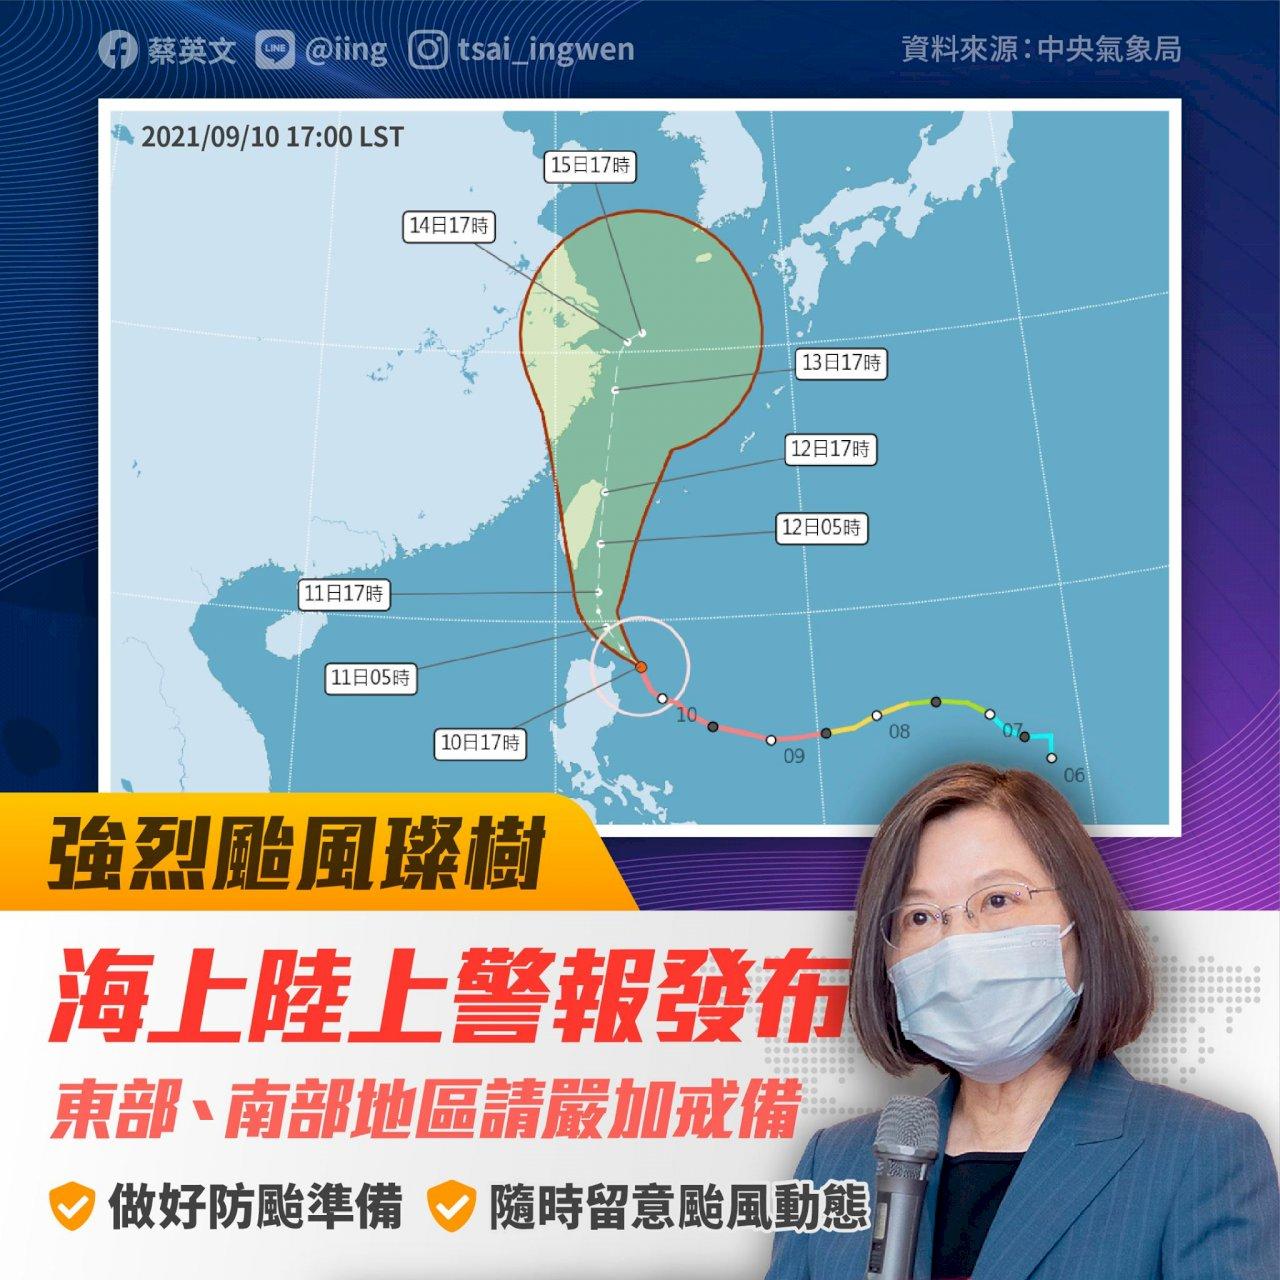 颱風璨樹來襲 蔡總統:做好防颱準備